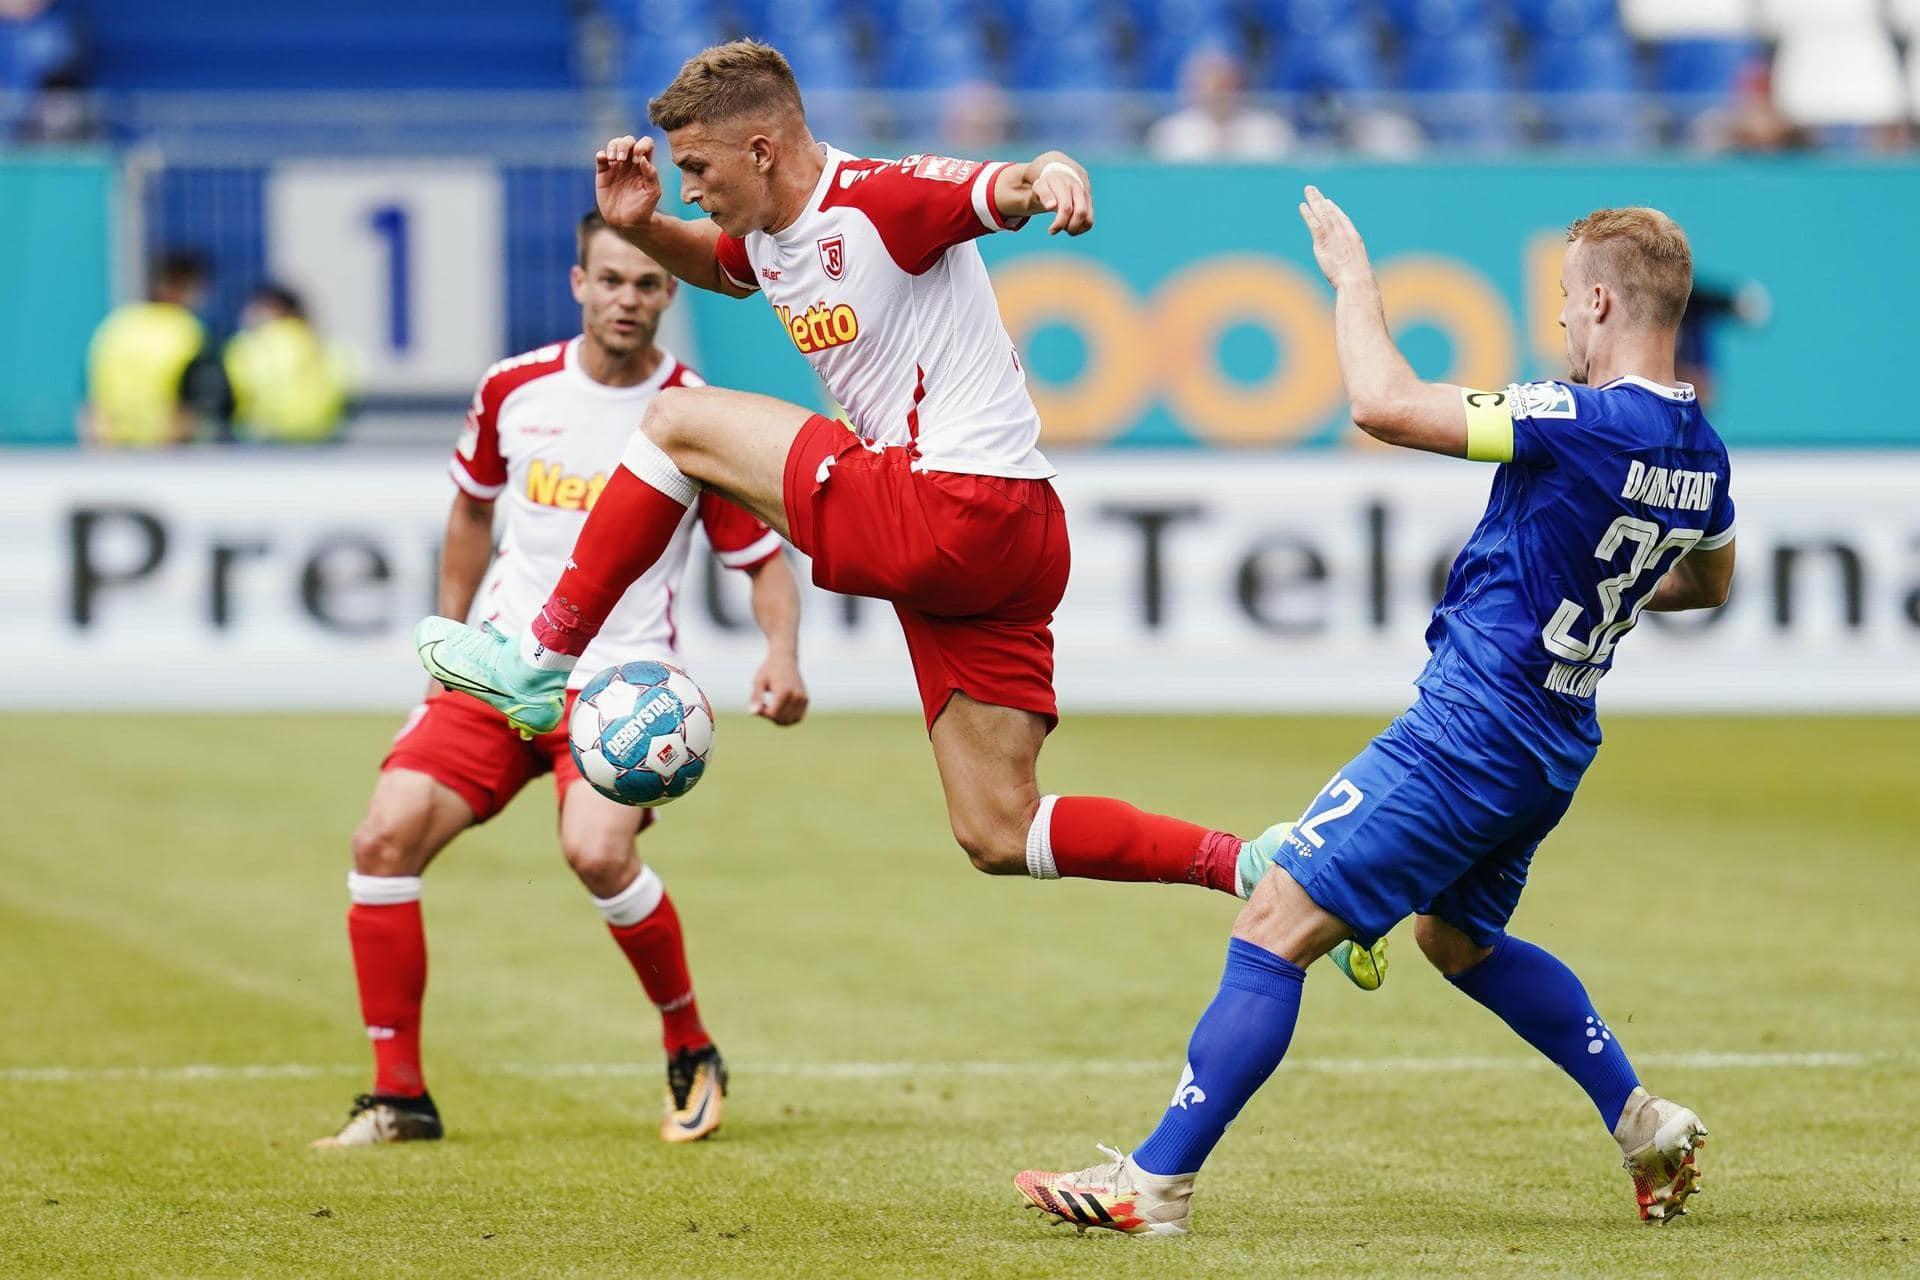 «Kampf» statt «Kunst»: Regensburg kommt top aus Startlöchern 2. Bundesliga